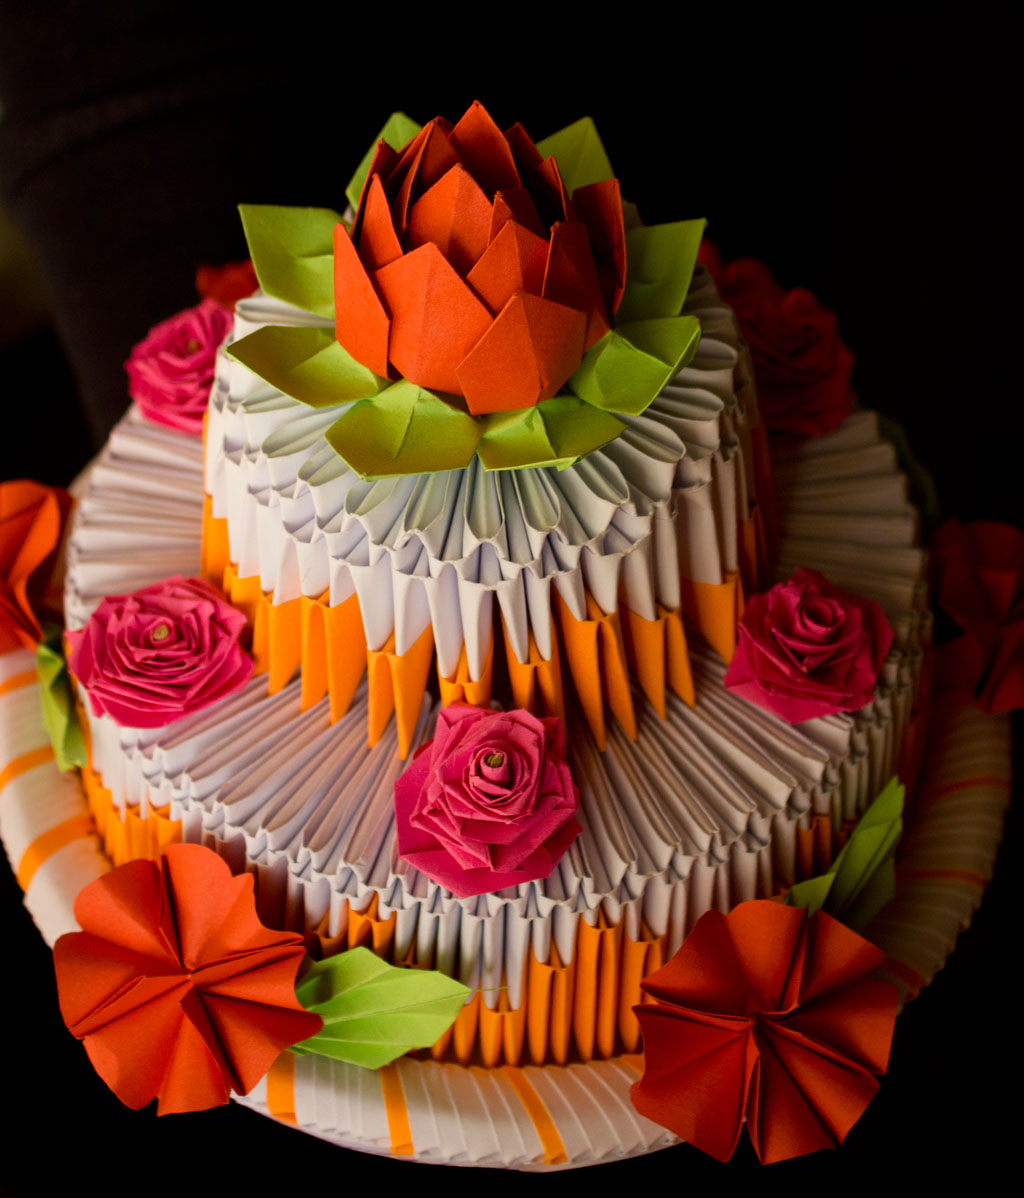 Papírvilág: Papírtorta / origami cake - photo#6